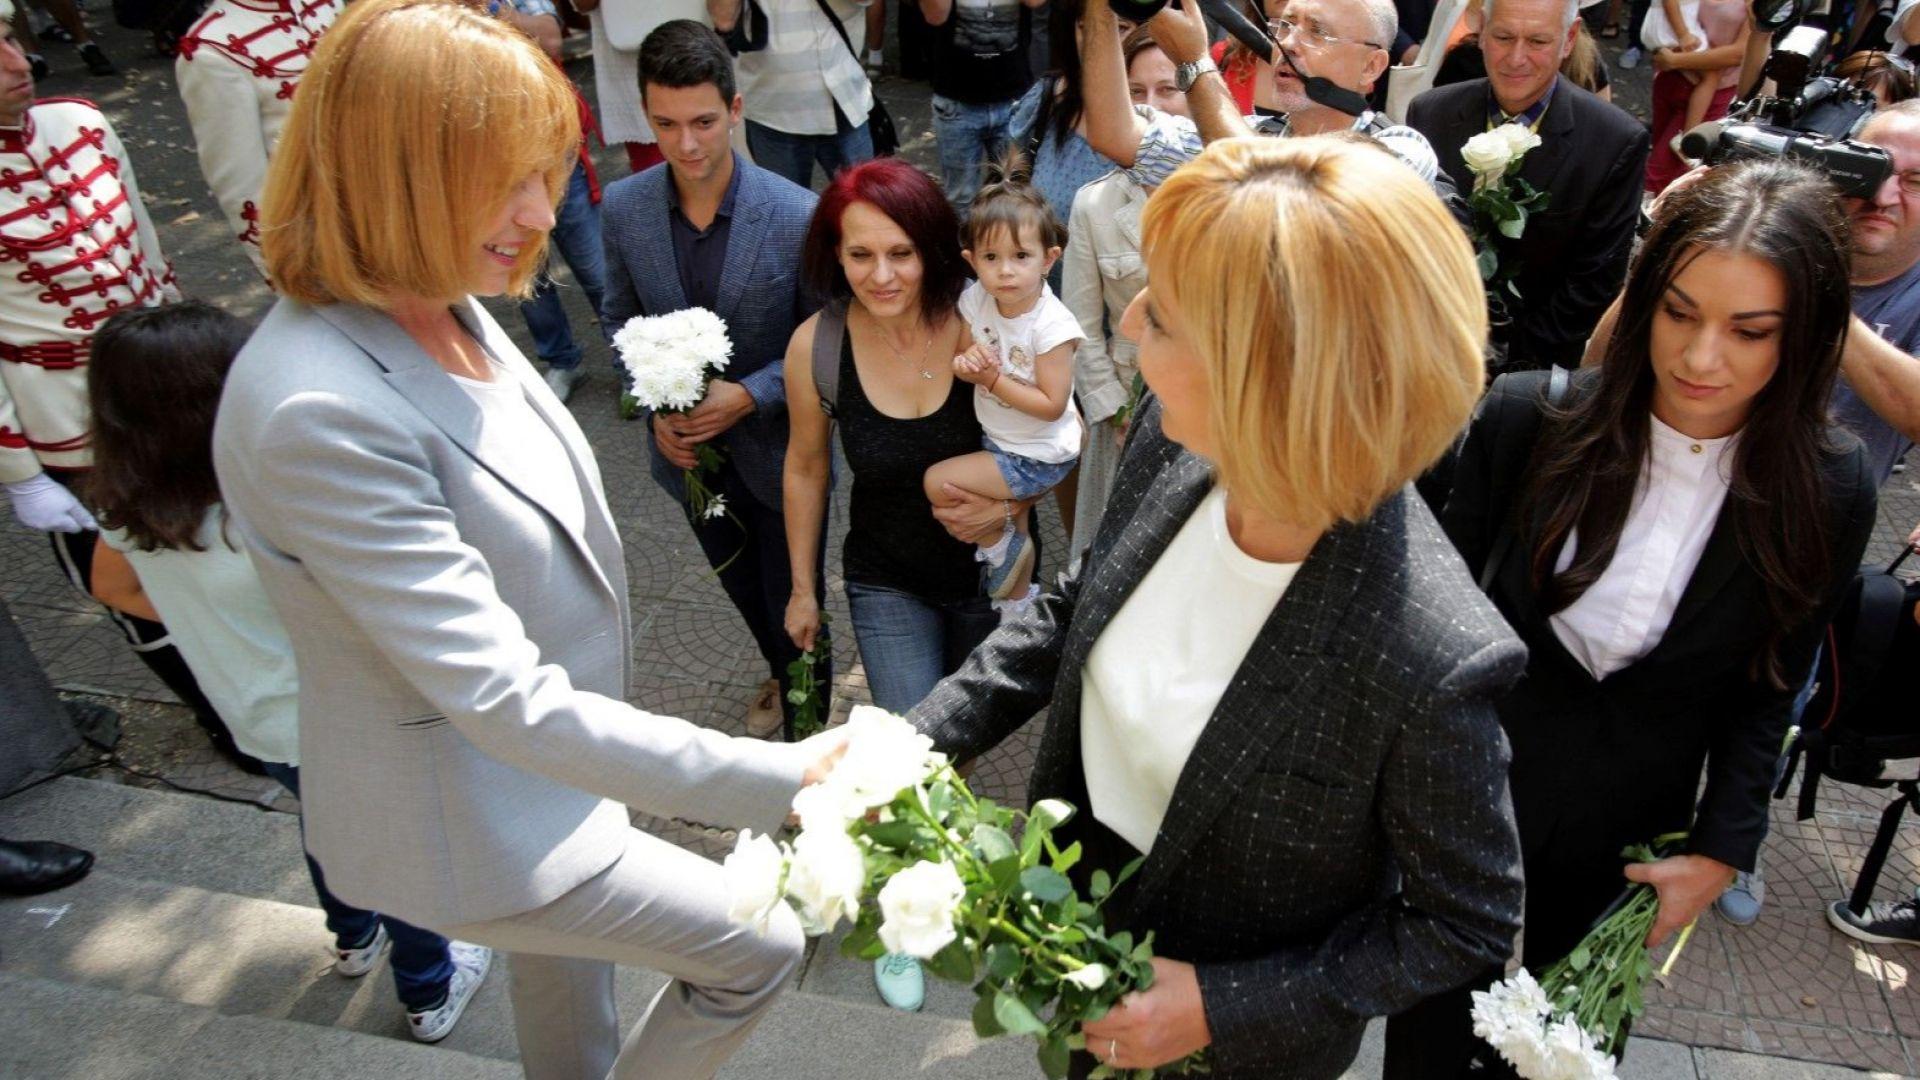 ГЕРБ-София: Мая Манолова не познава изборното законодателство